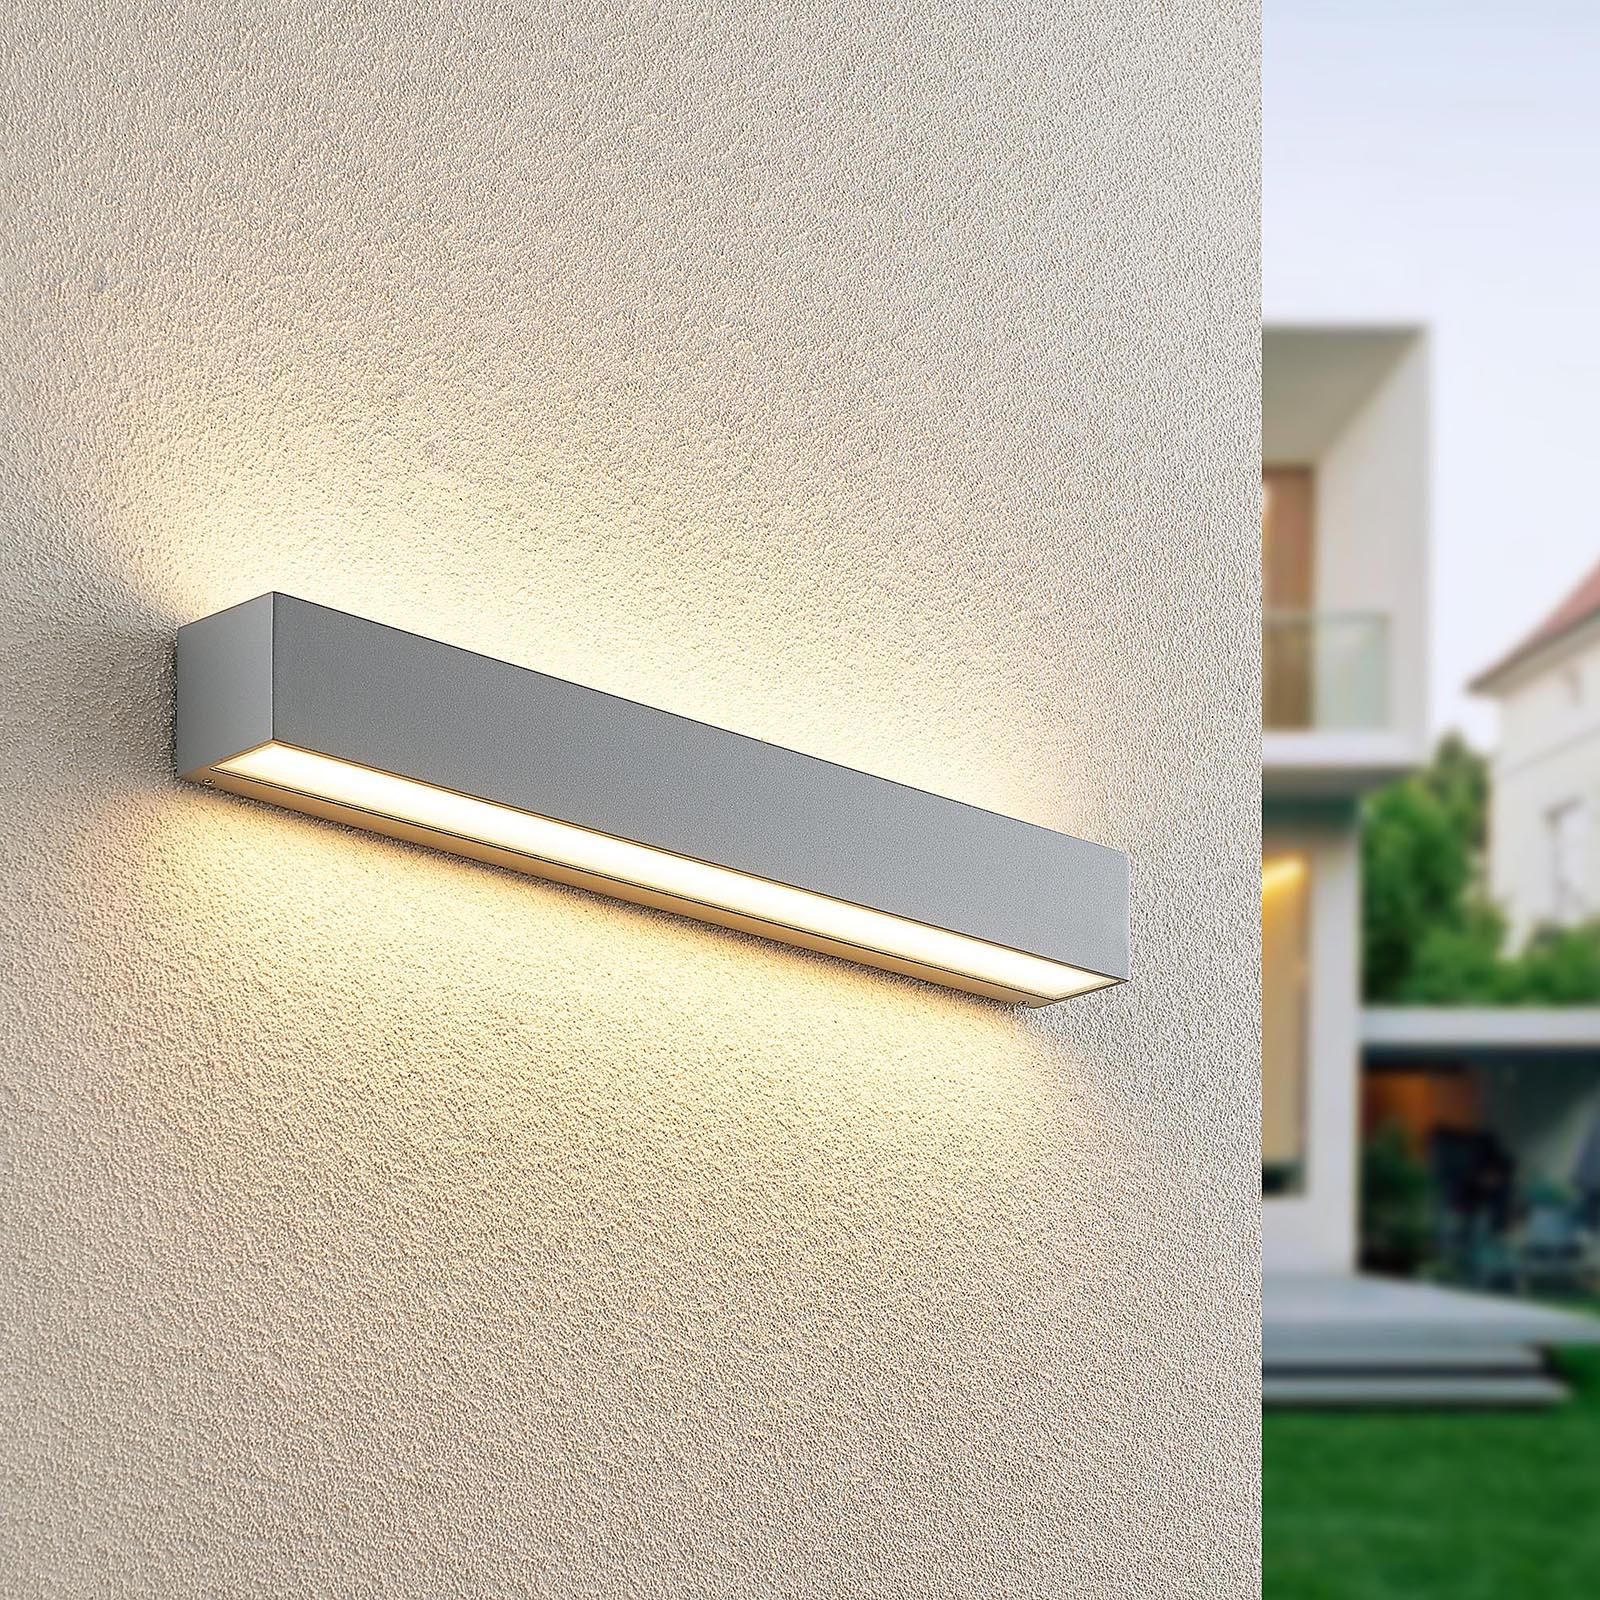 Lucande Lengo applique LED, 50 cm, argento, 2 luci